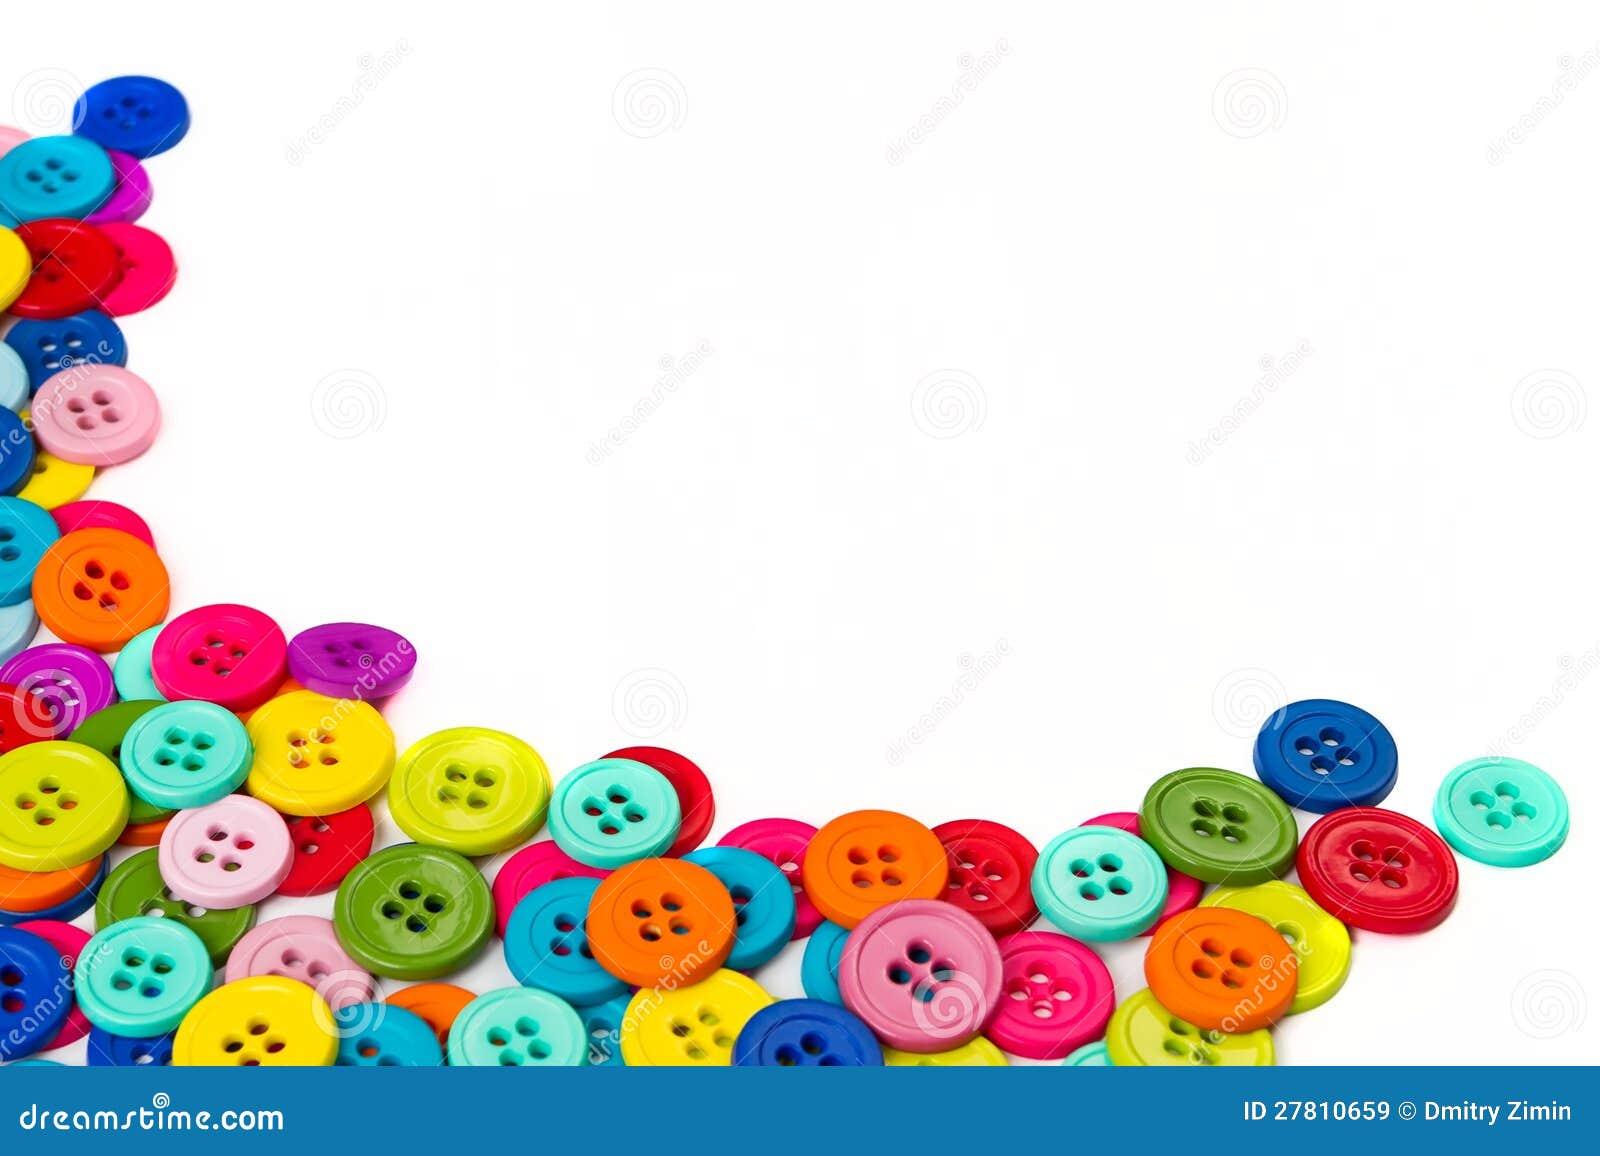 clothes buttons clip art - photo #31